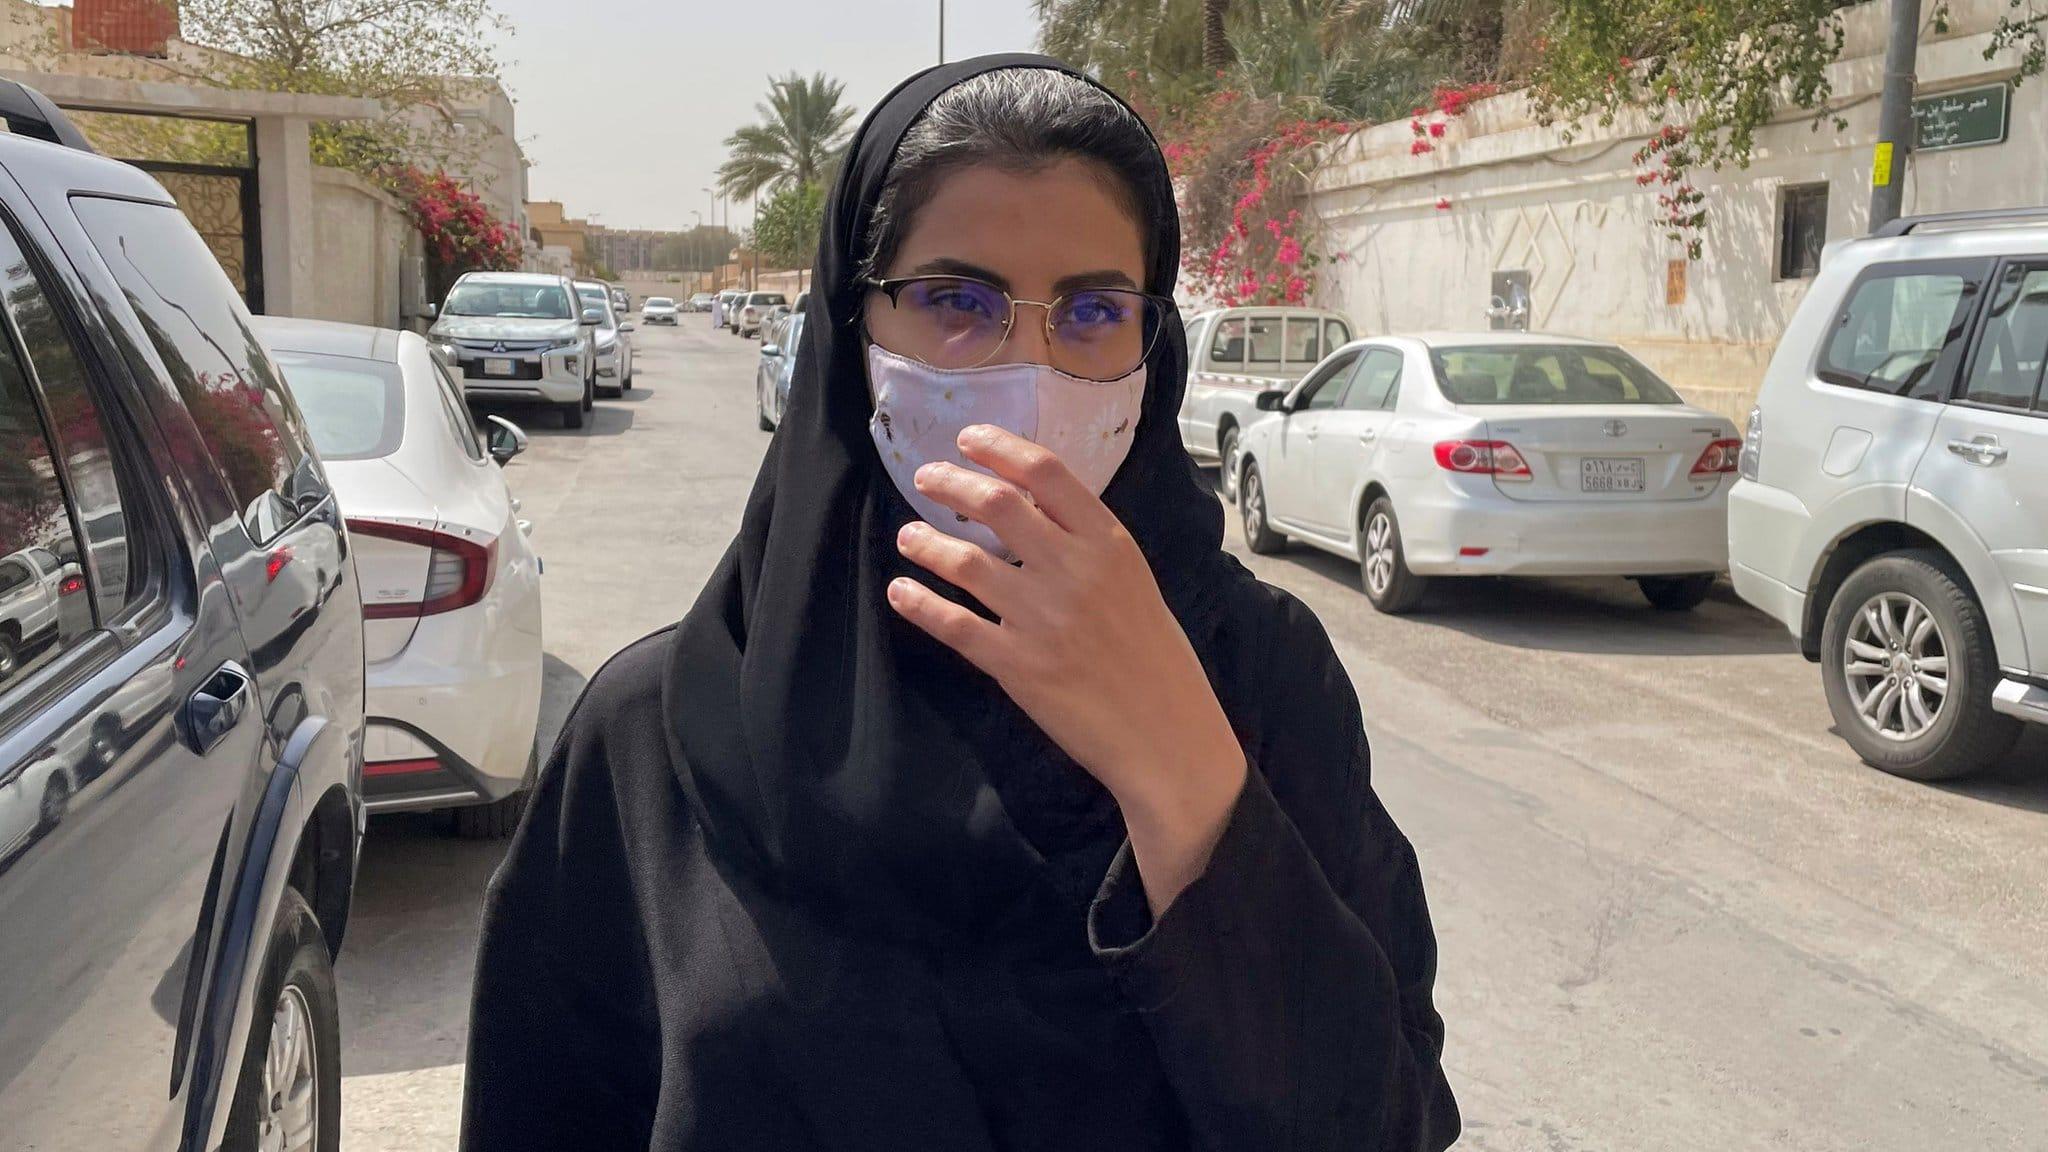 رسائل من حارس سجن سعودي تكشف مشاهداته لتعذيب لجين الهذلول والناشط الحقوقي محمد الربيعة